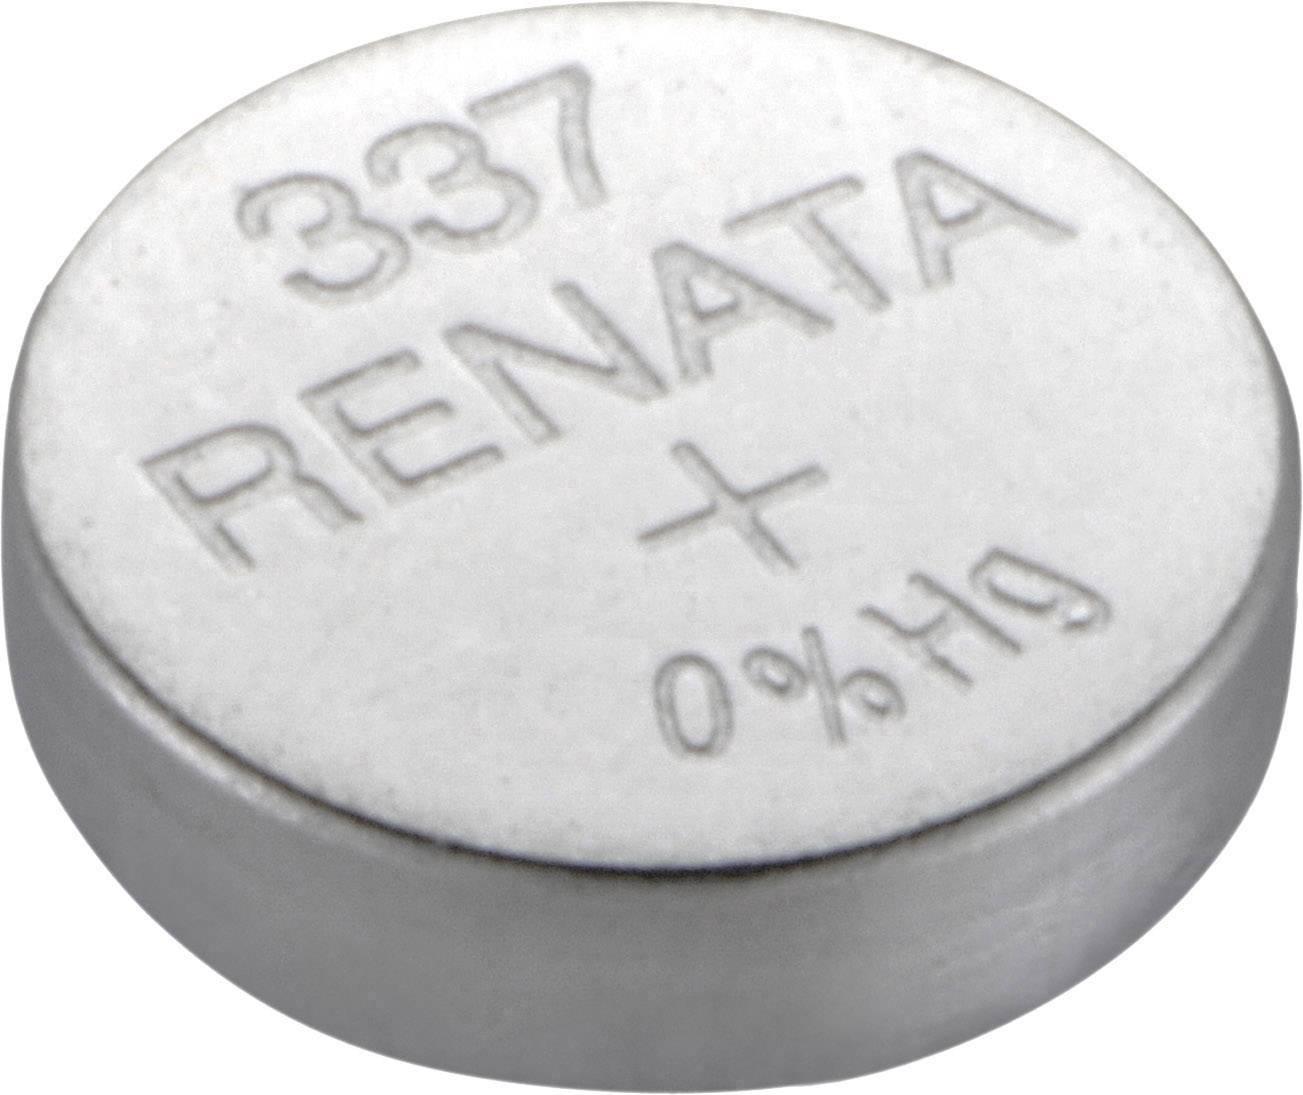 Gombíková batéria 337 Renata, SR416, na báze oxidu striebra